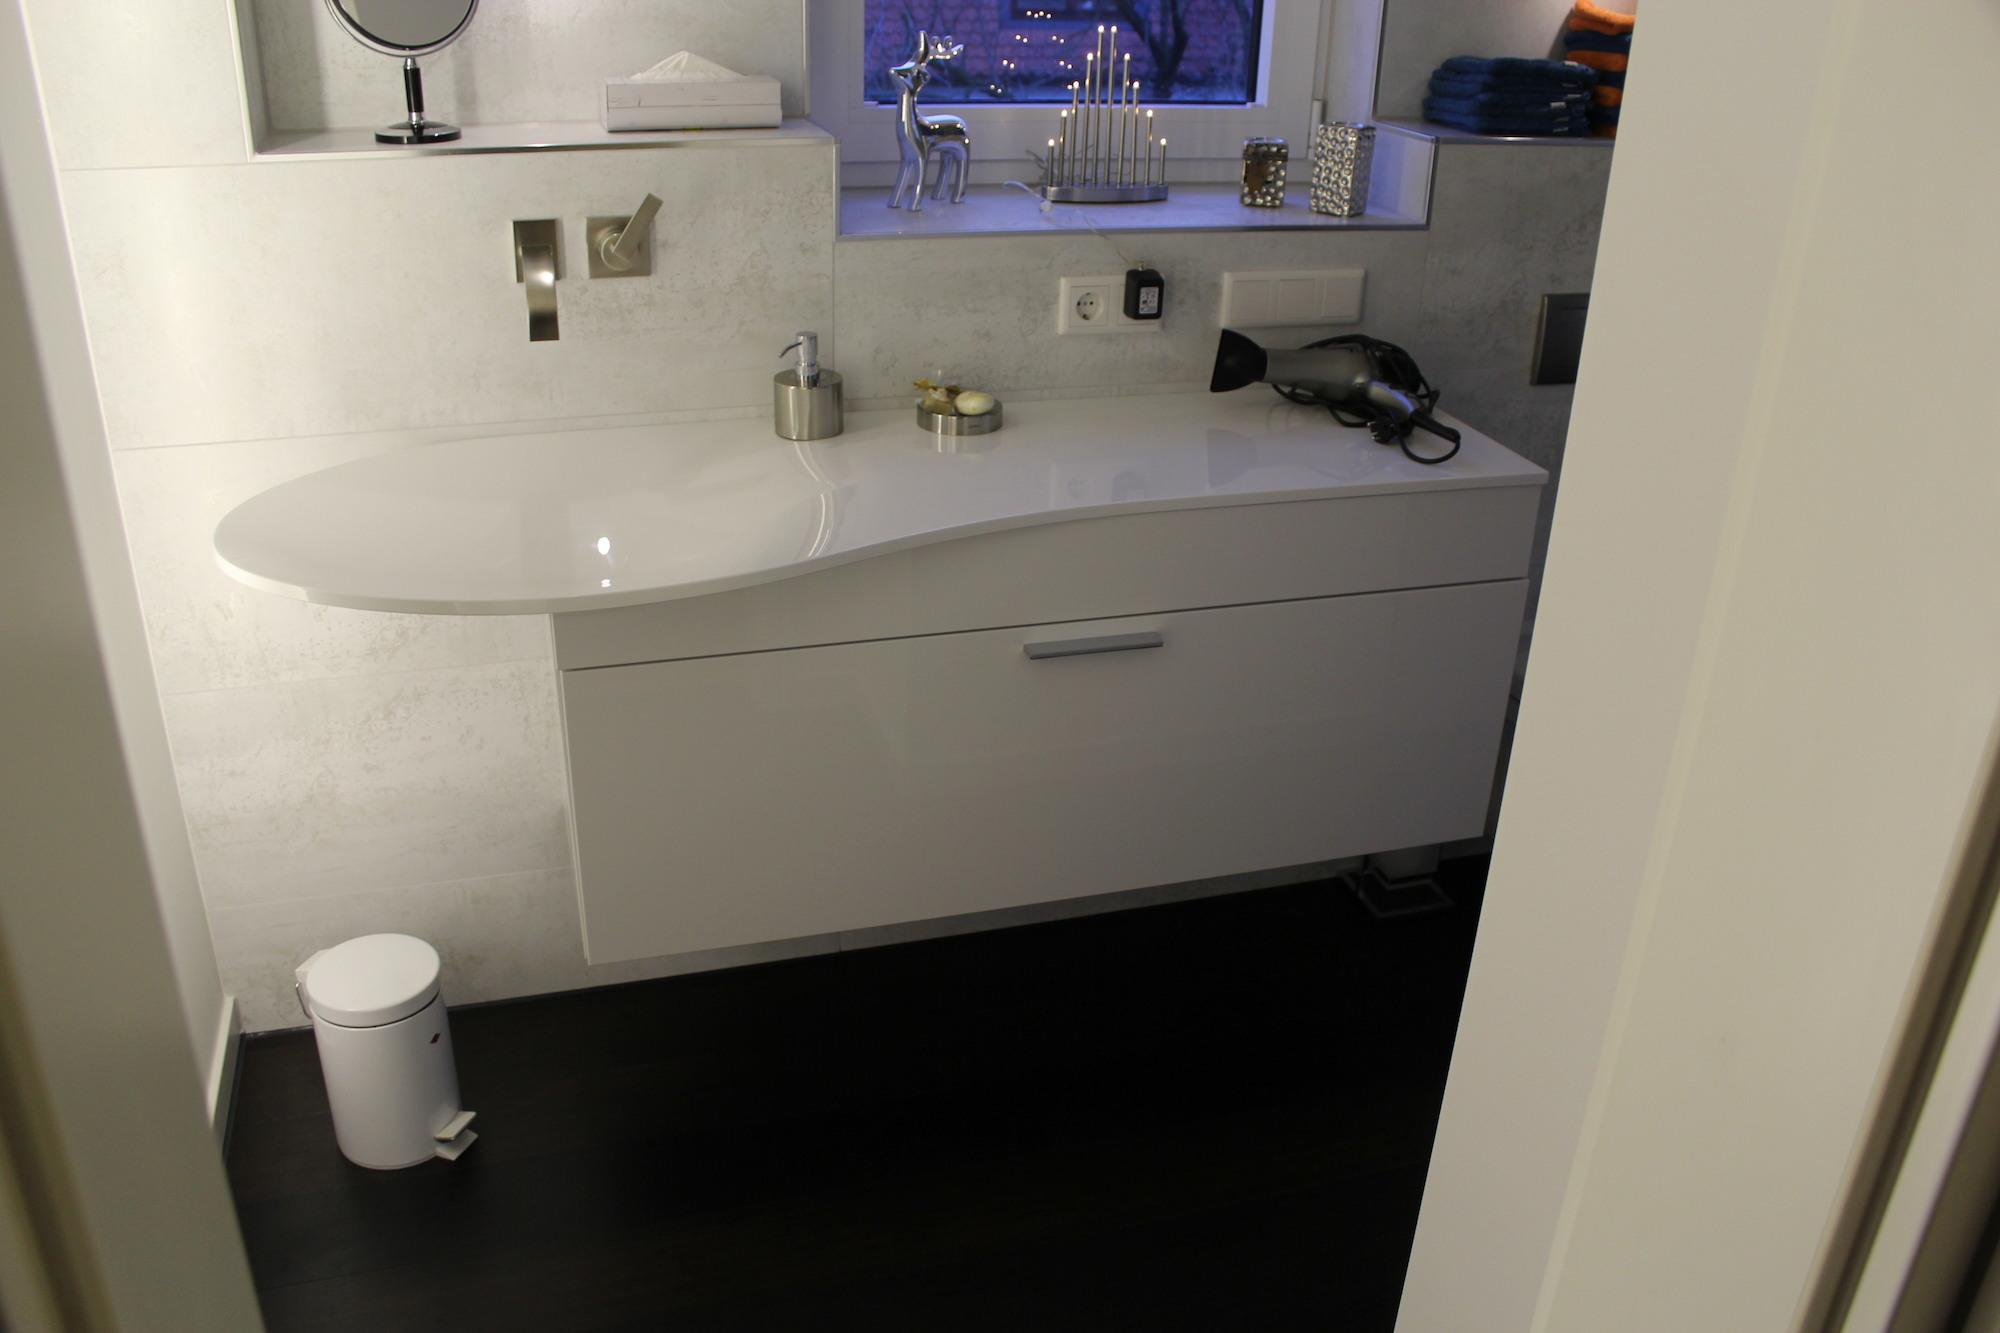 Holzfußboden Im Bad ~ Holzfußboden bad elanium